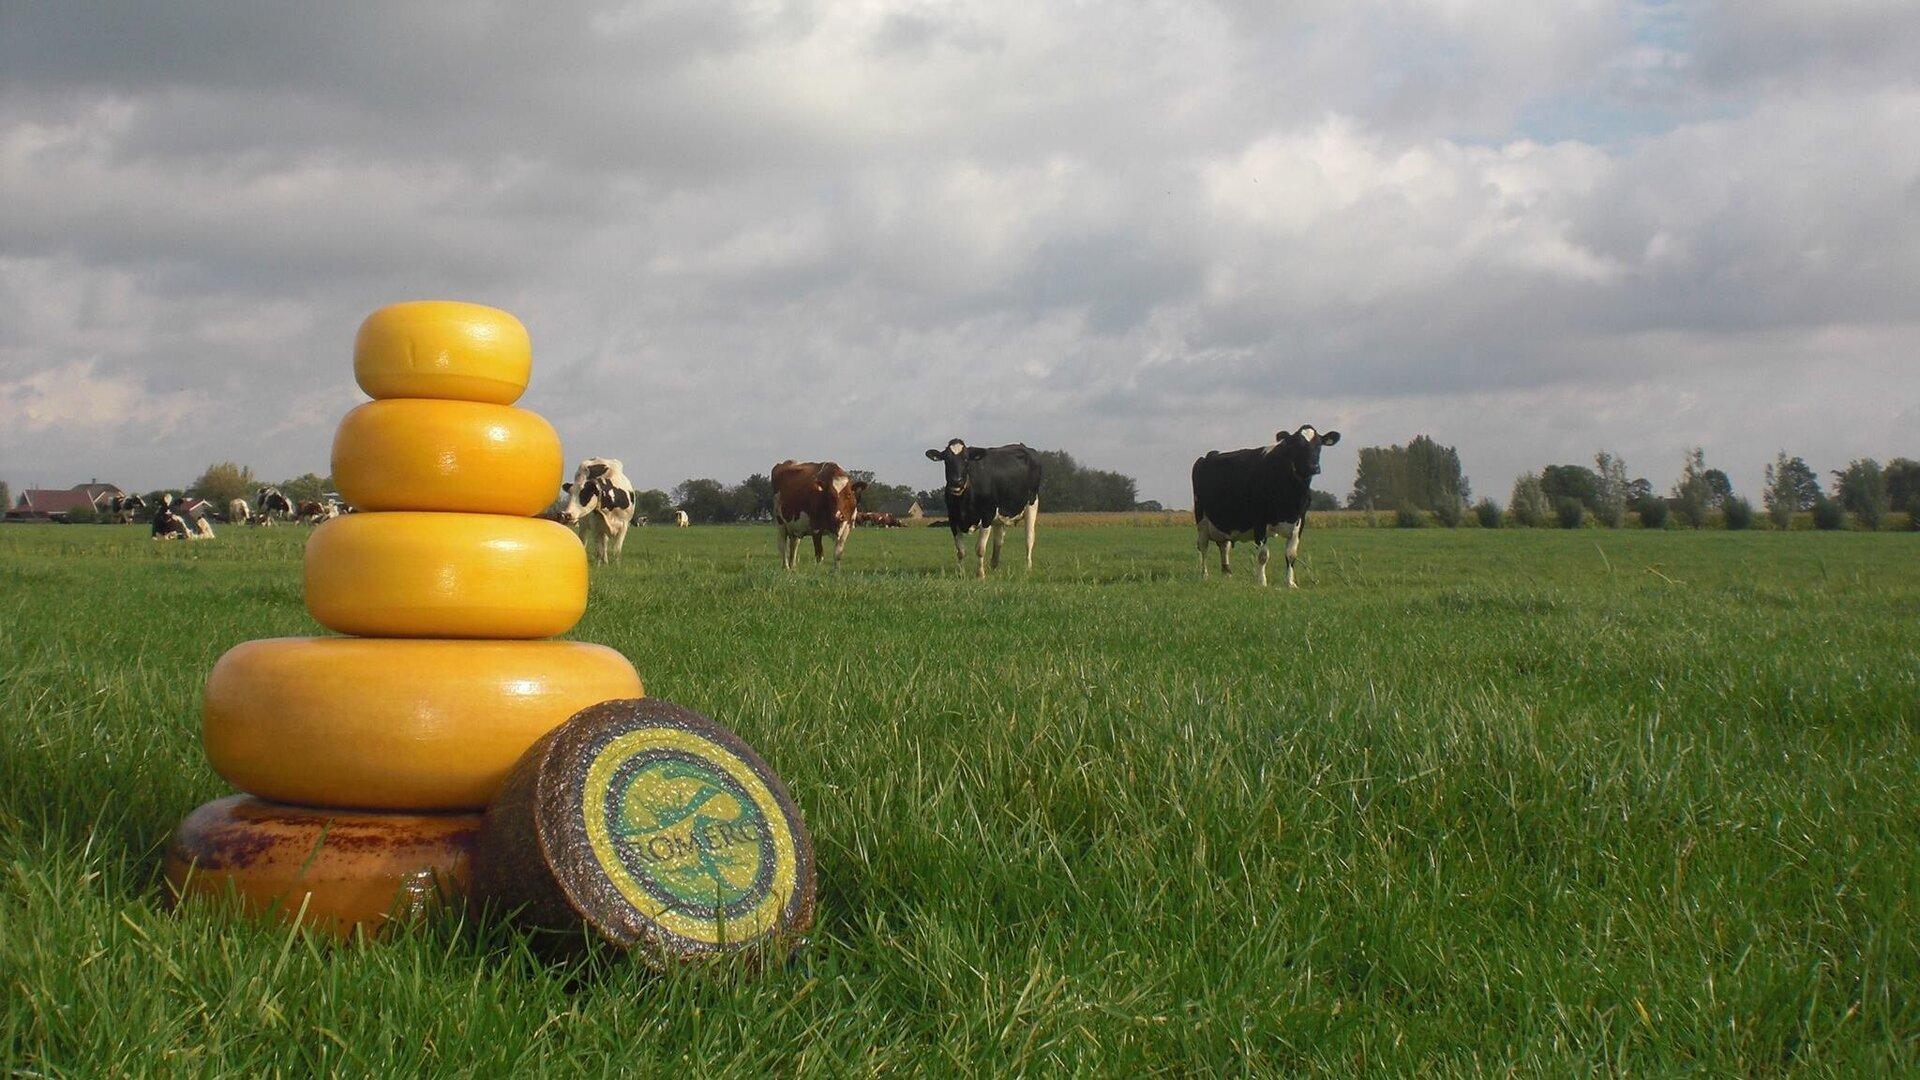 kaasboerderij-elisabethhoeve-2.jpg